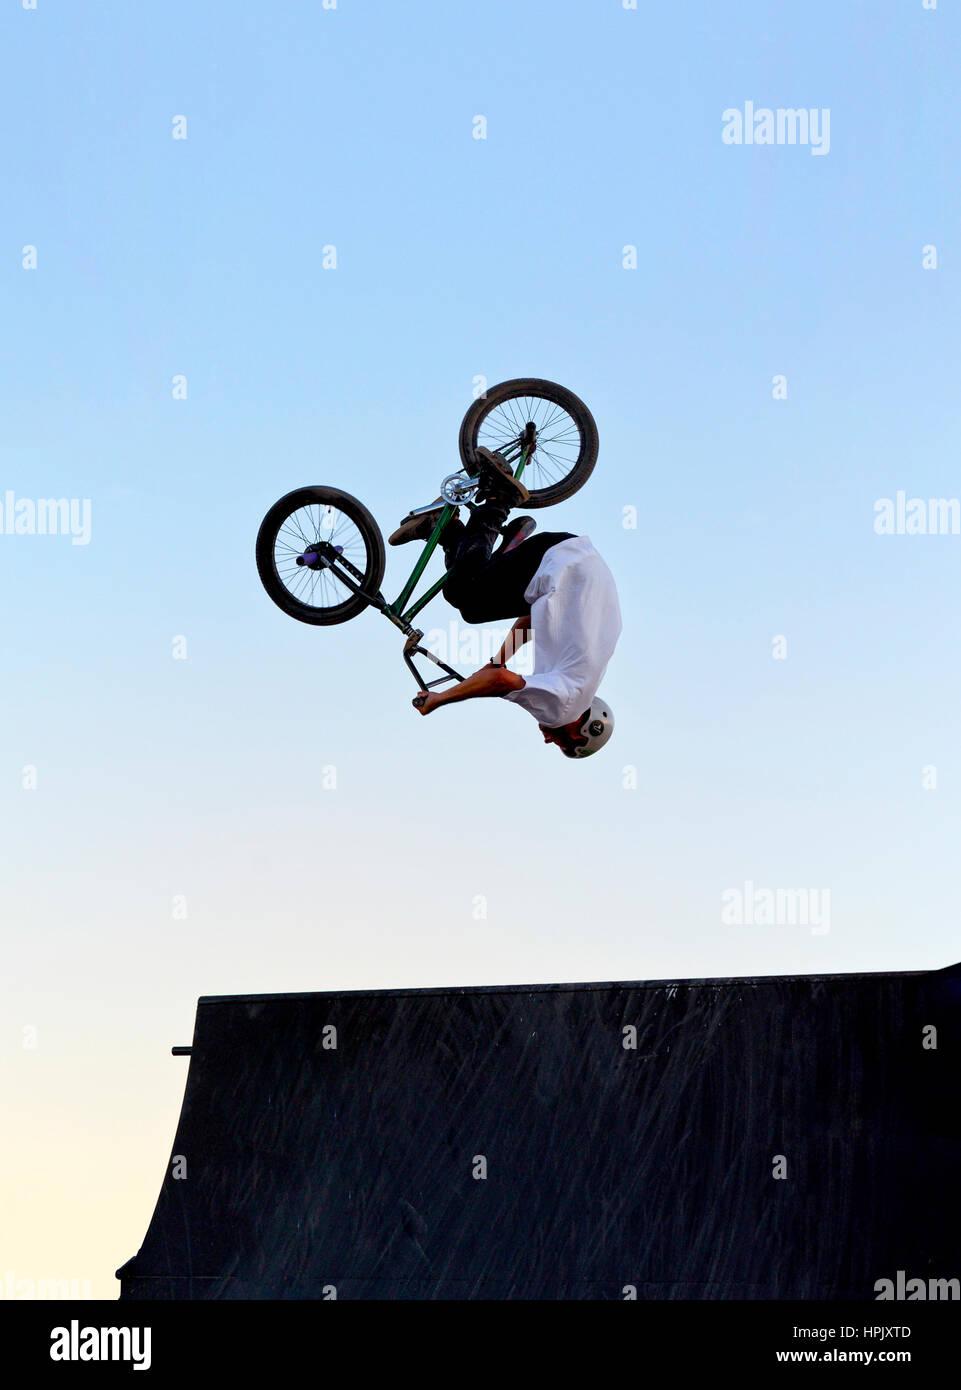 Une personne faisant un saut périlleux arrière sur une rampe de saut en vélo sur un vélo BMX Photo Stock